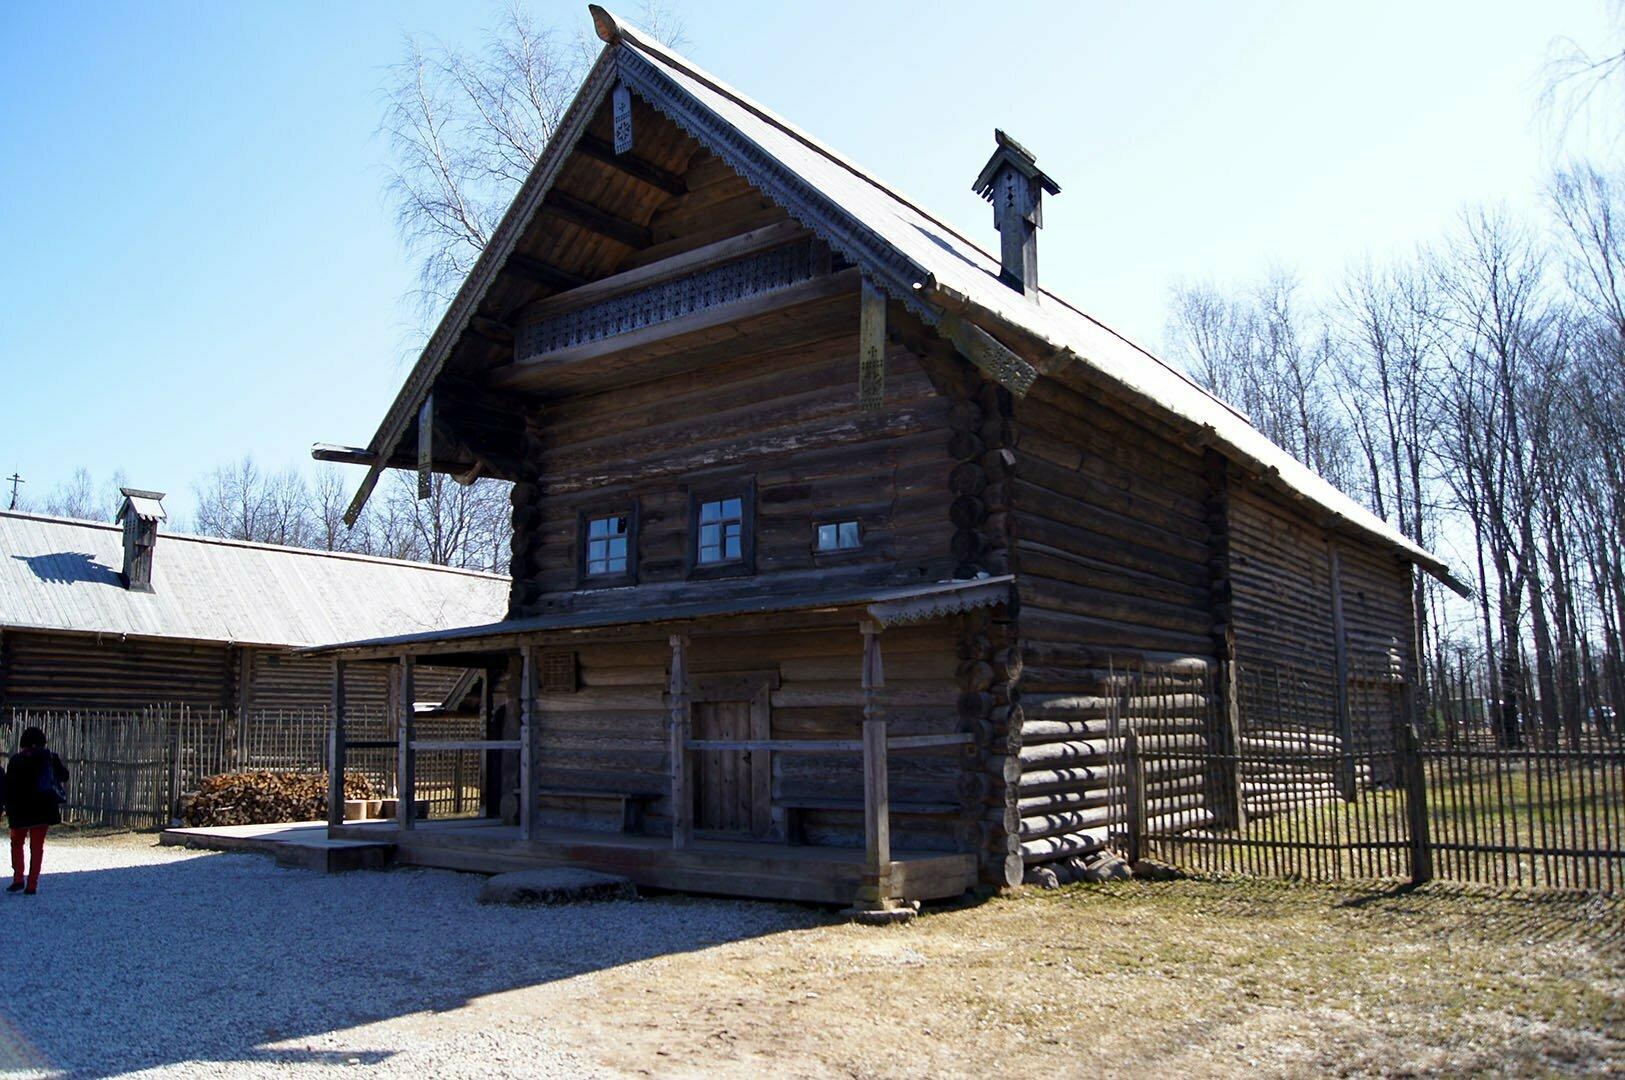 Изба Царевой Е.Н. Музей деревянного зодчества в Великом Новгороде